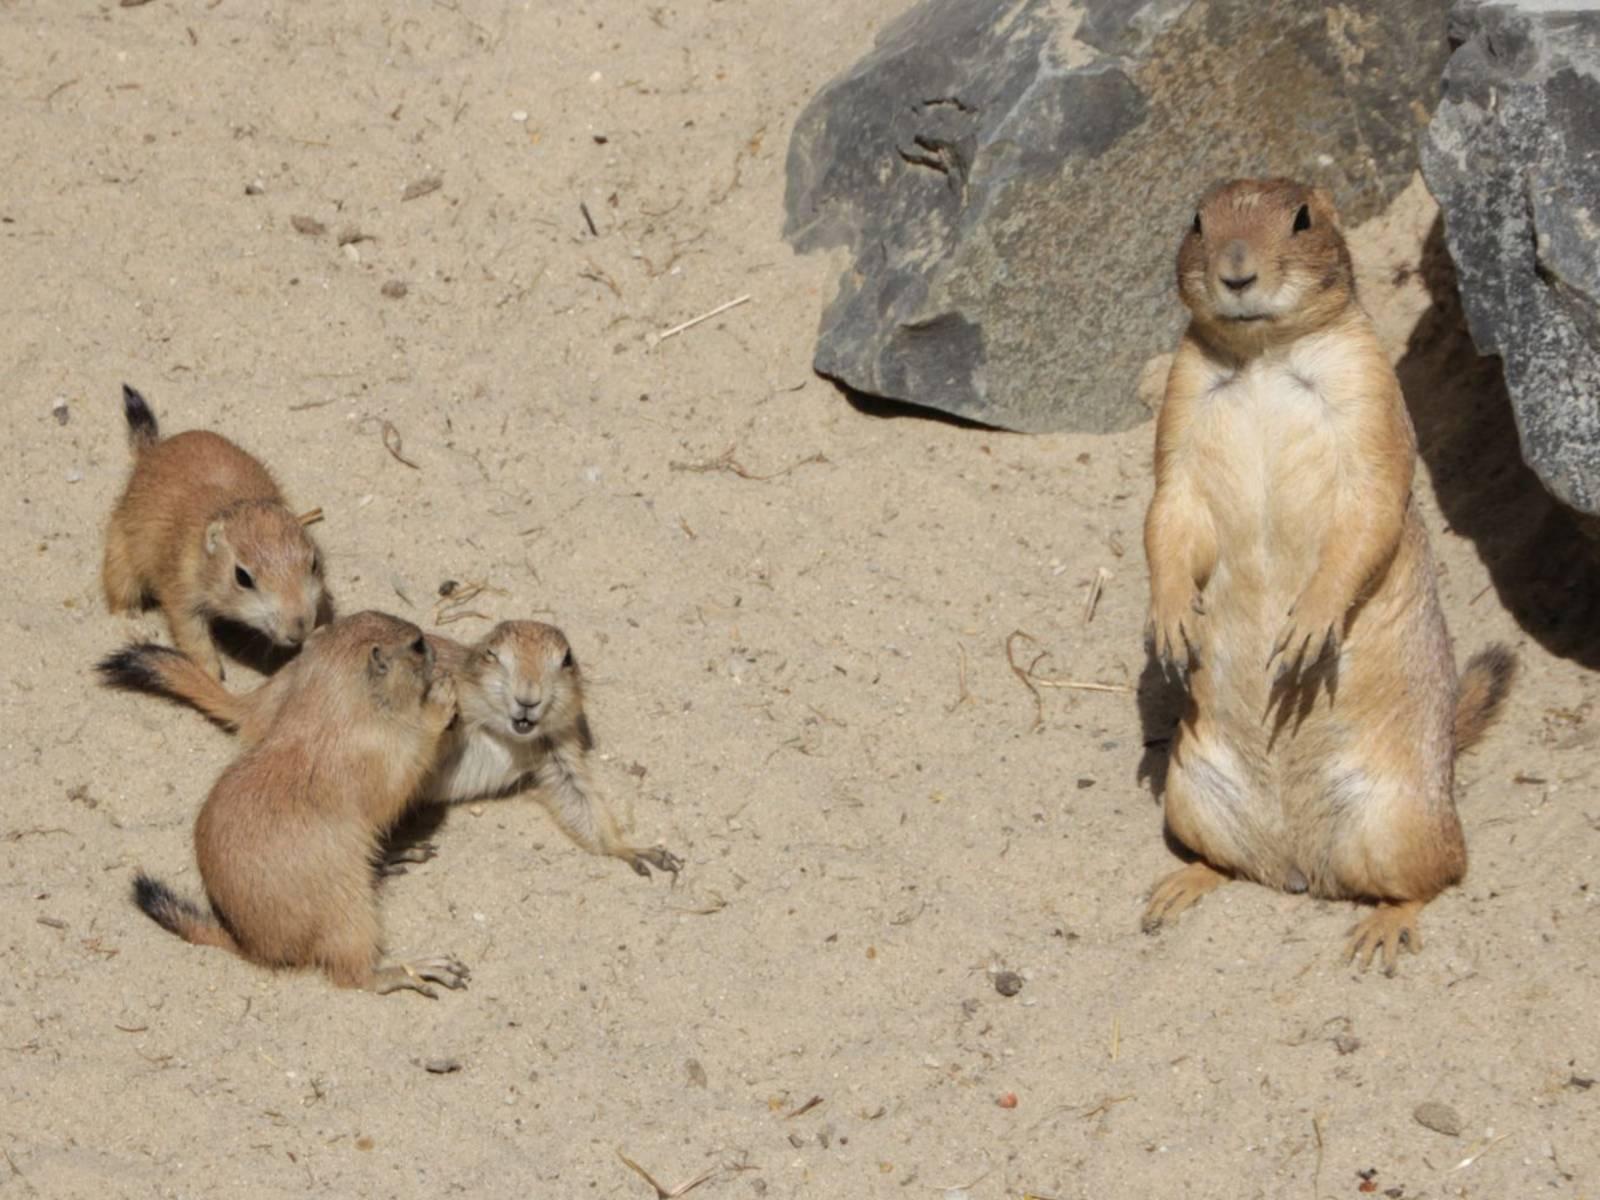 Junge Prärierhunde beim Spielen - ein Muttertier schaut zu.